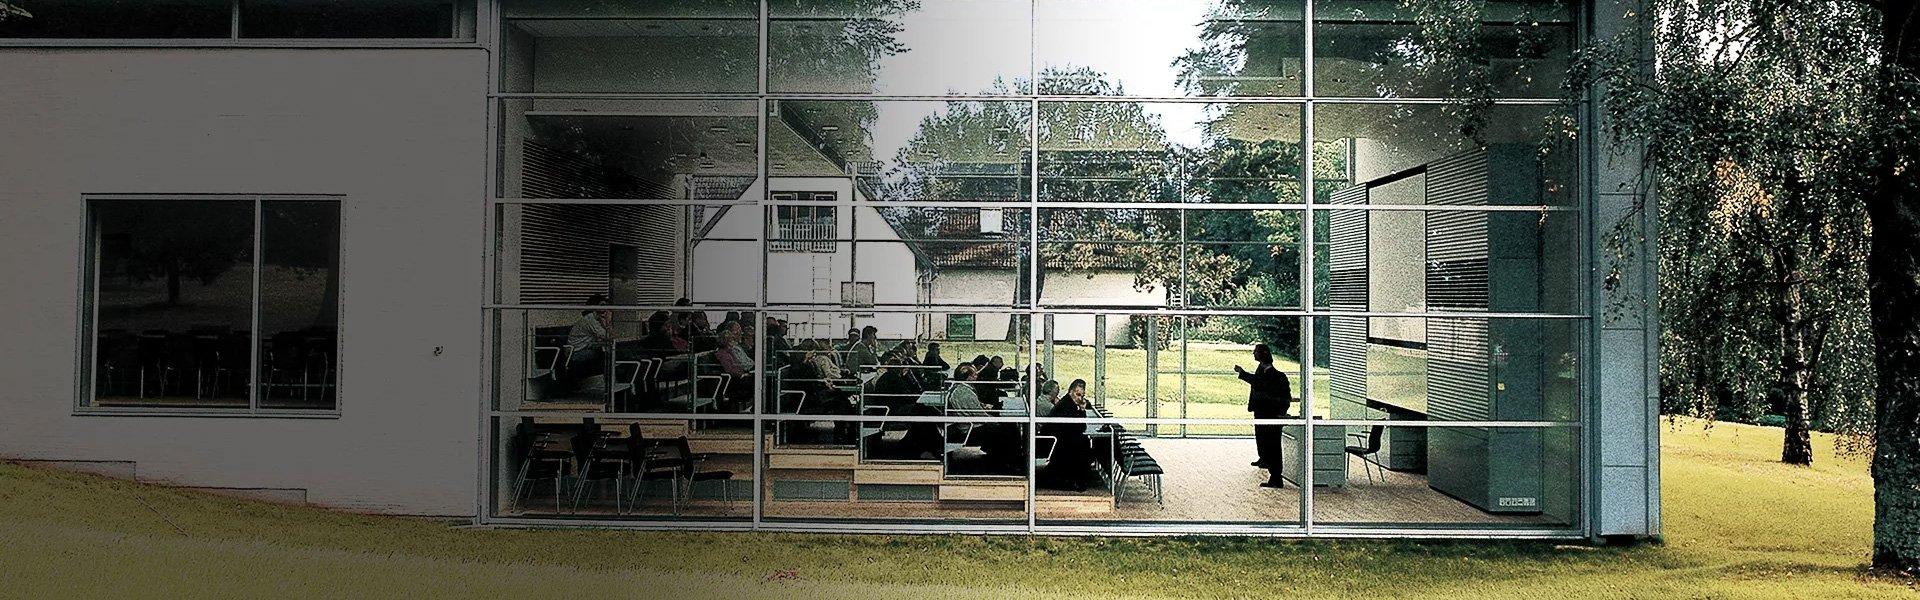 エリクスホルム研究所